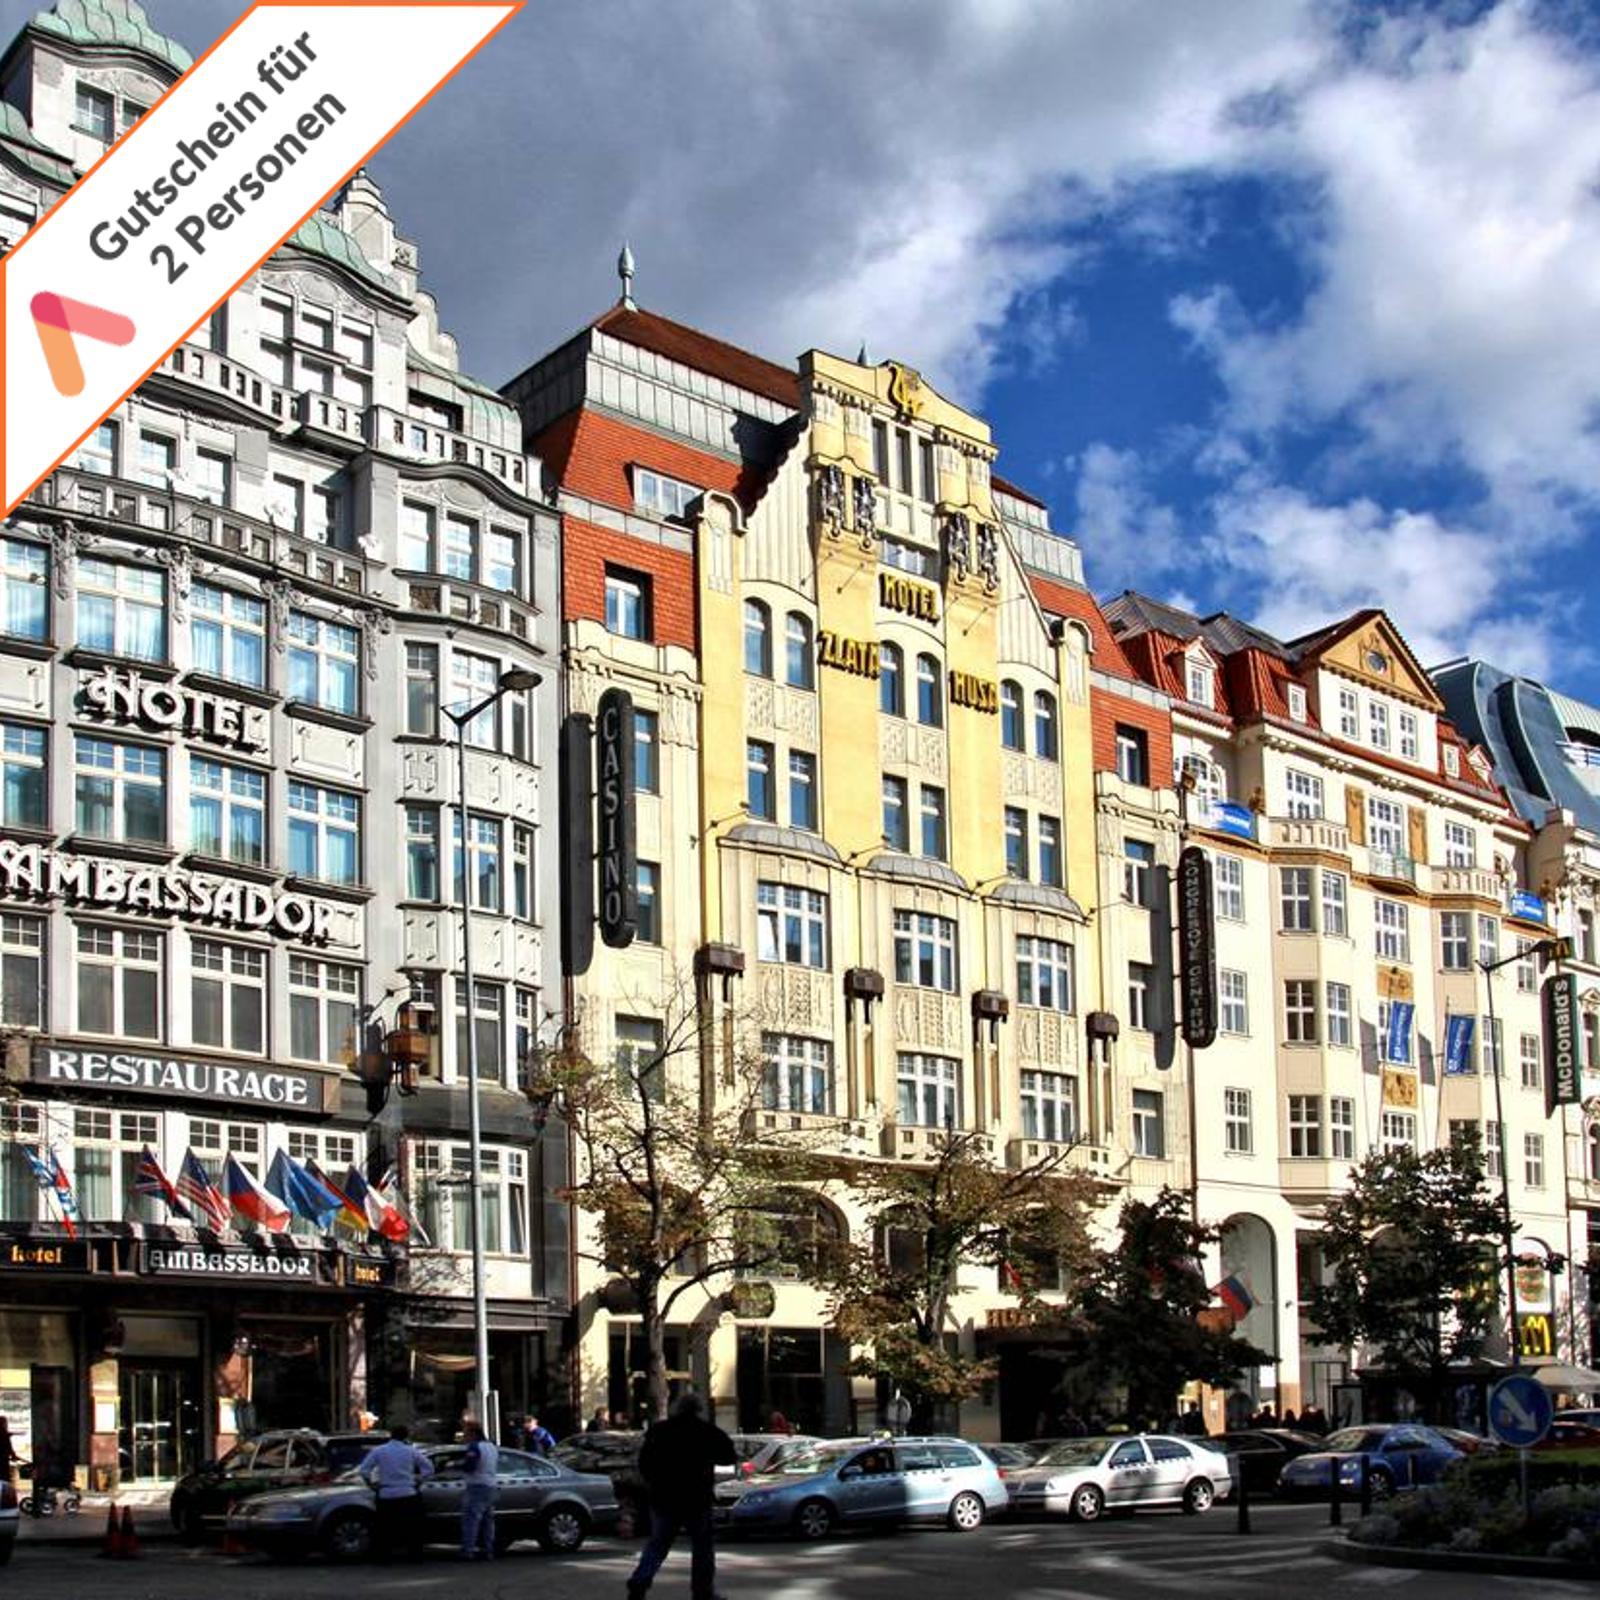 Luxus Kurzurlaub Prag 5 Sterne Hotel 3 Tage für 2 Personen Hotelgutschein Sauna